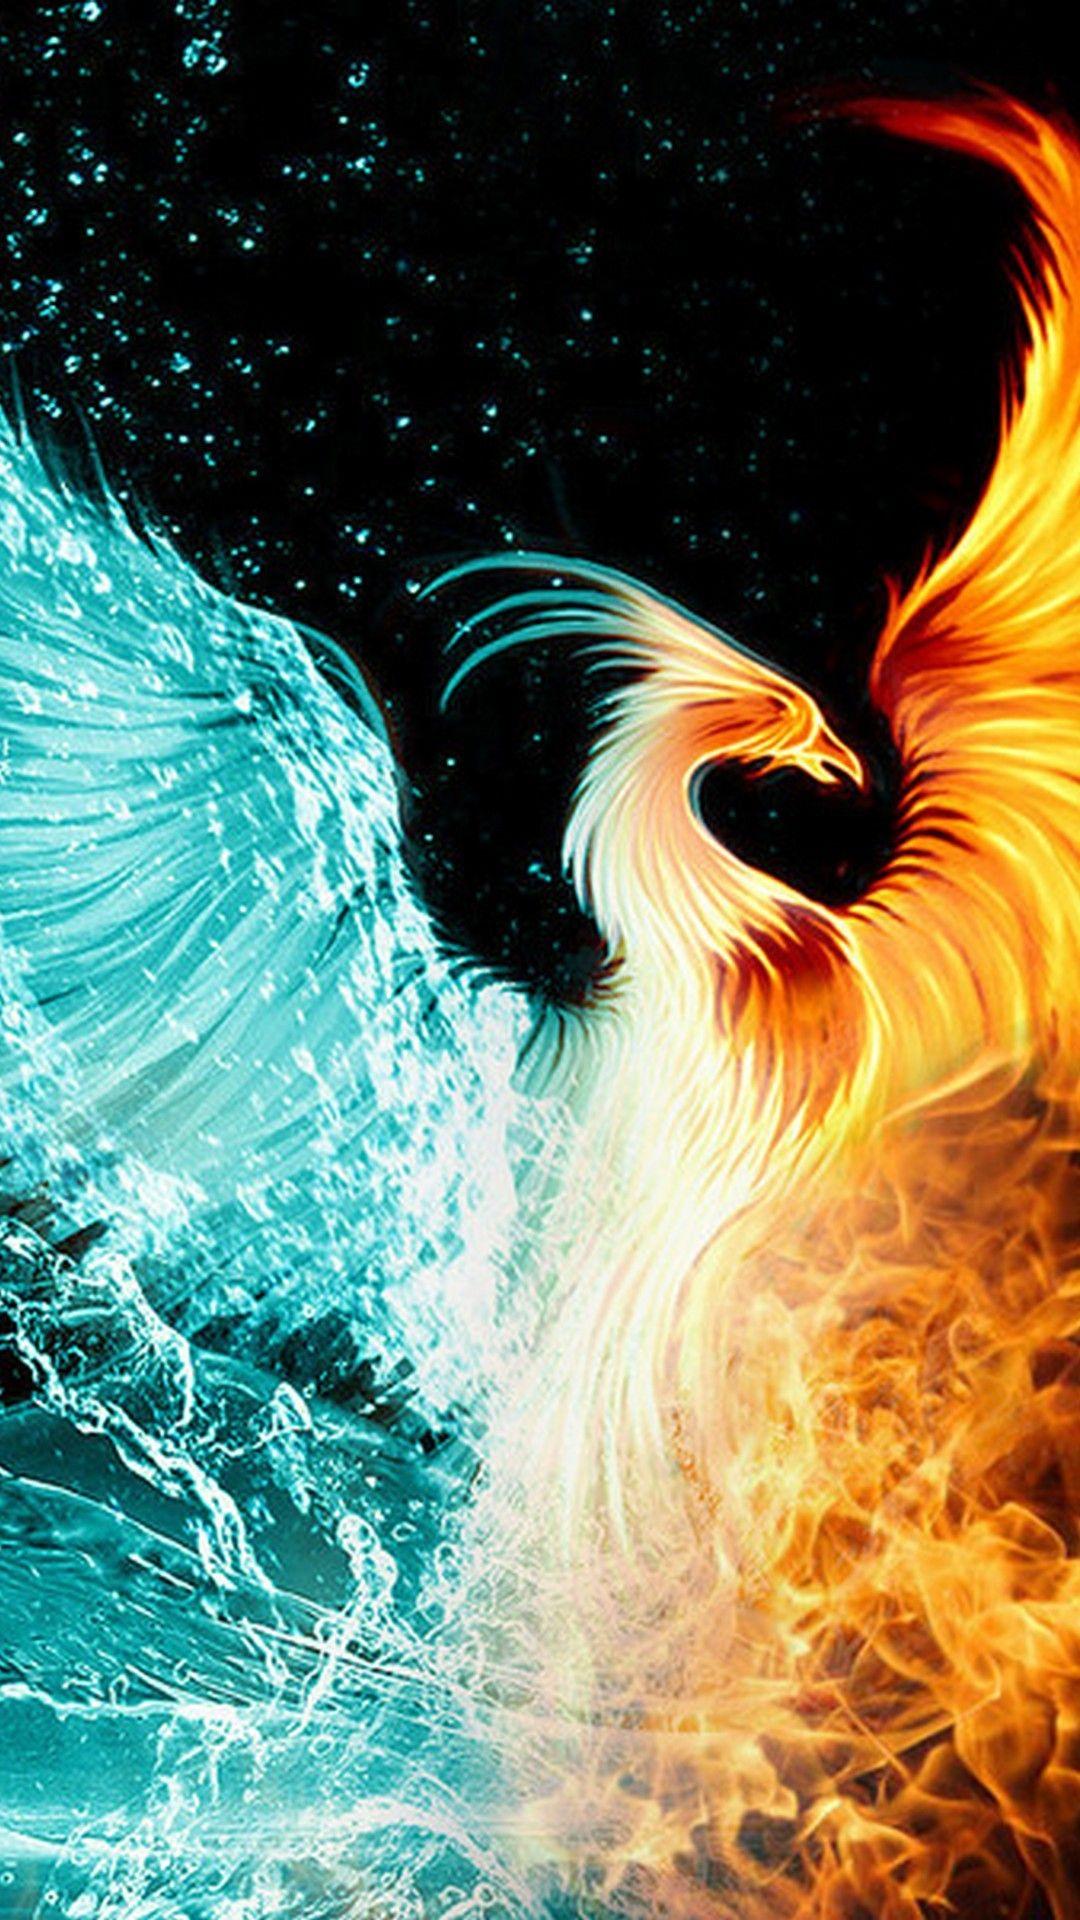 phoenix images iphone wallpaper iphonewallpapers